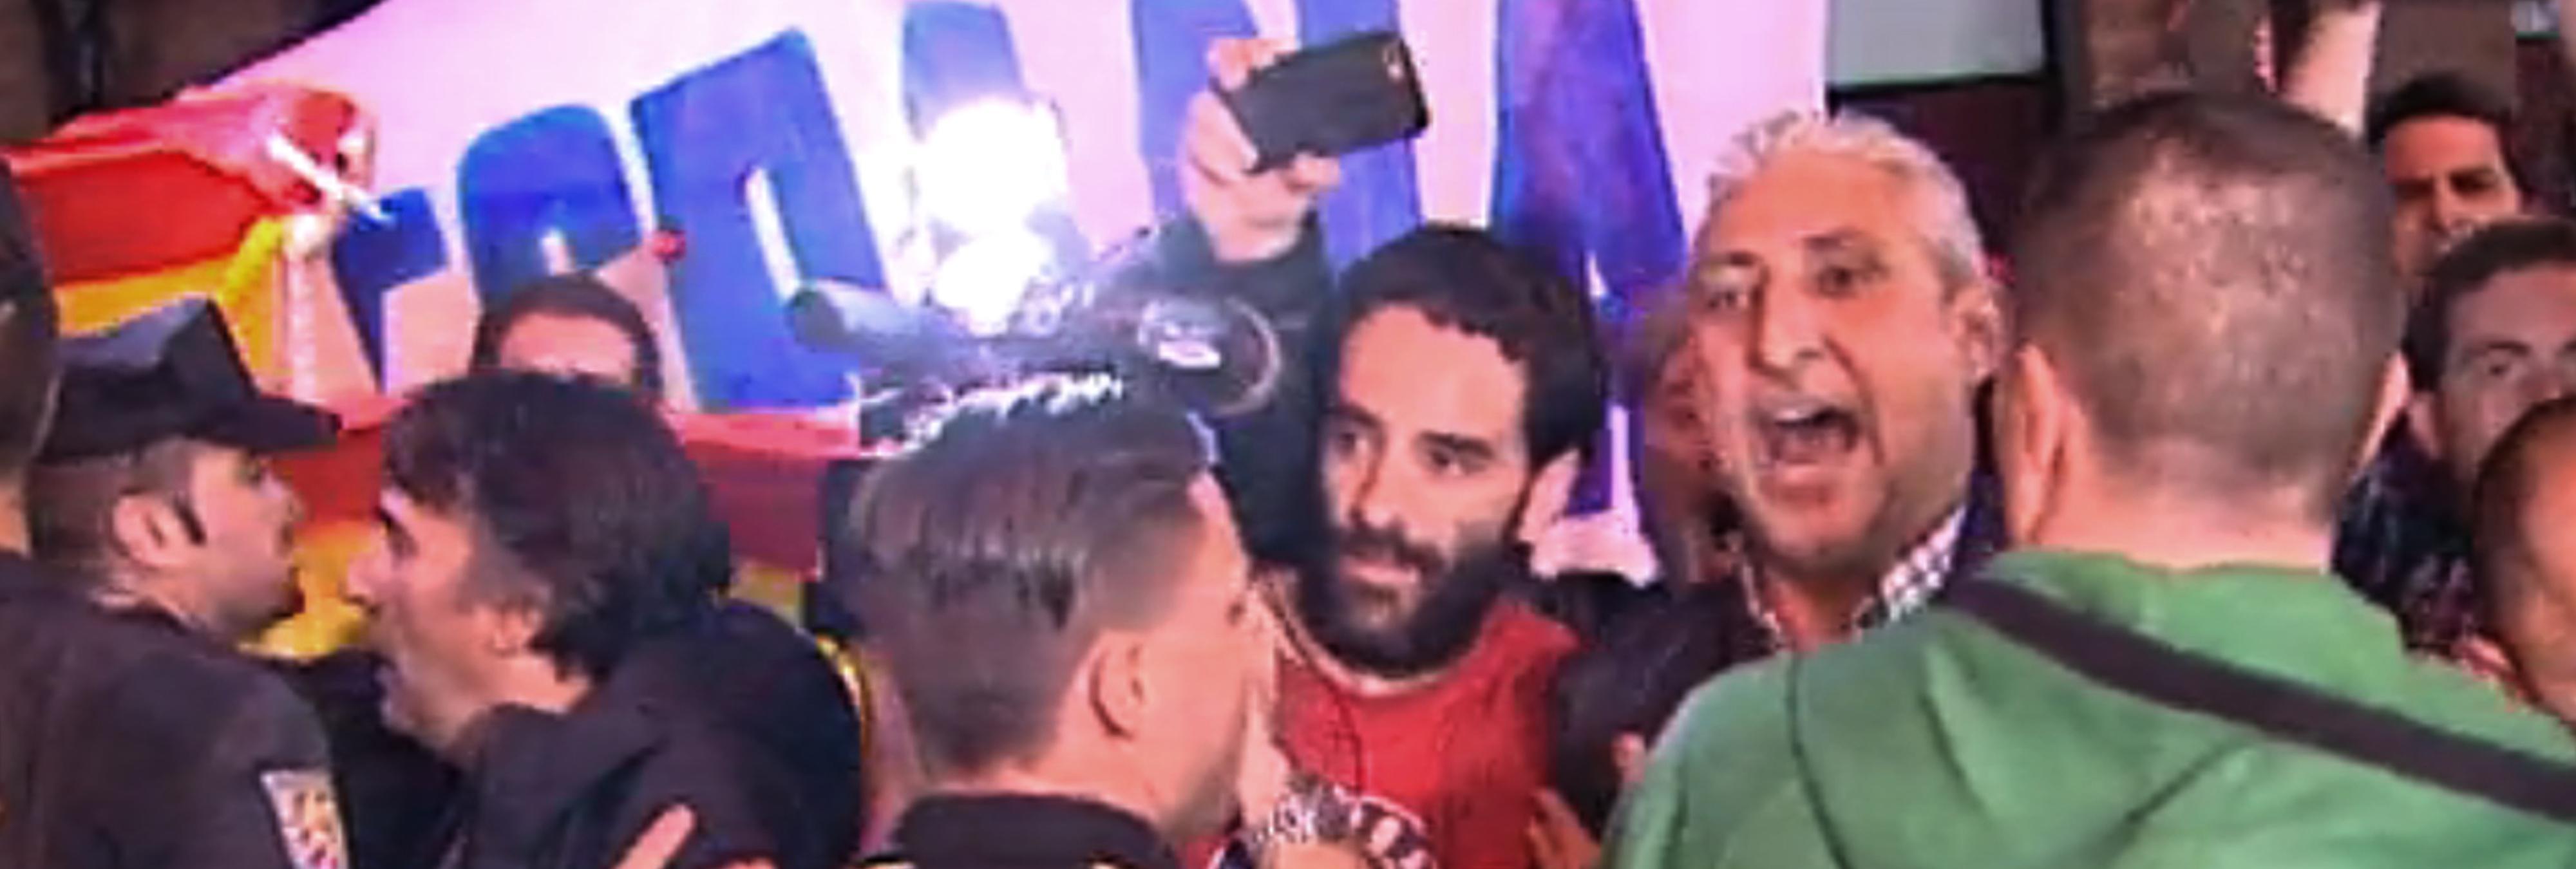 El policía de Madrid que dimitió por ir a una protesta neonazi mantiene un puesto público